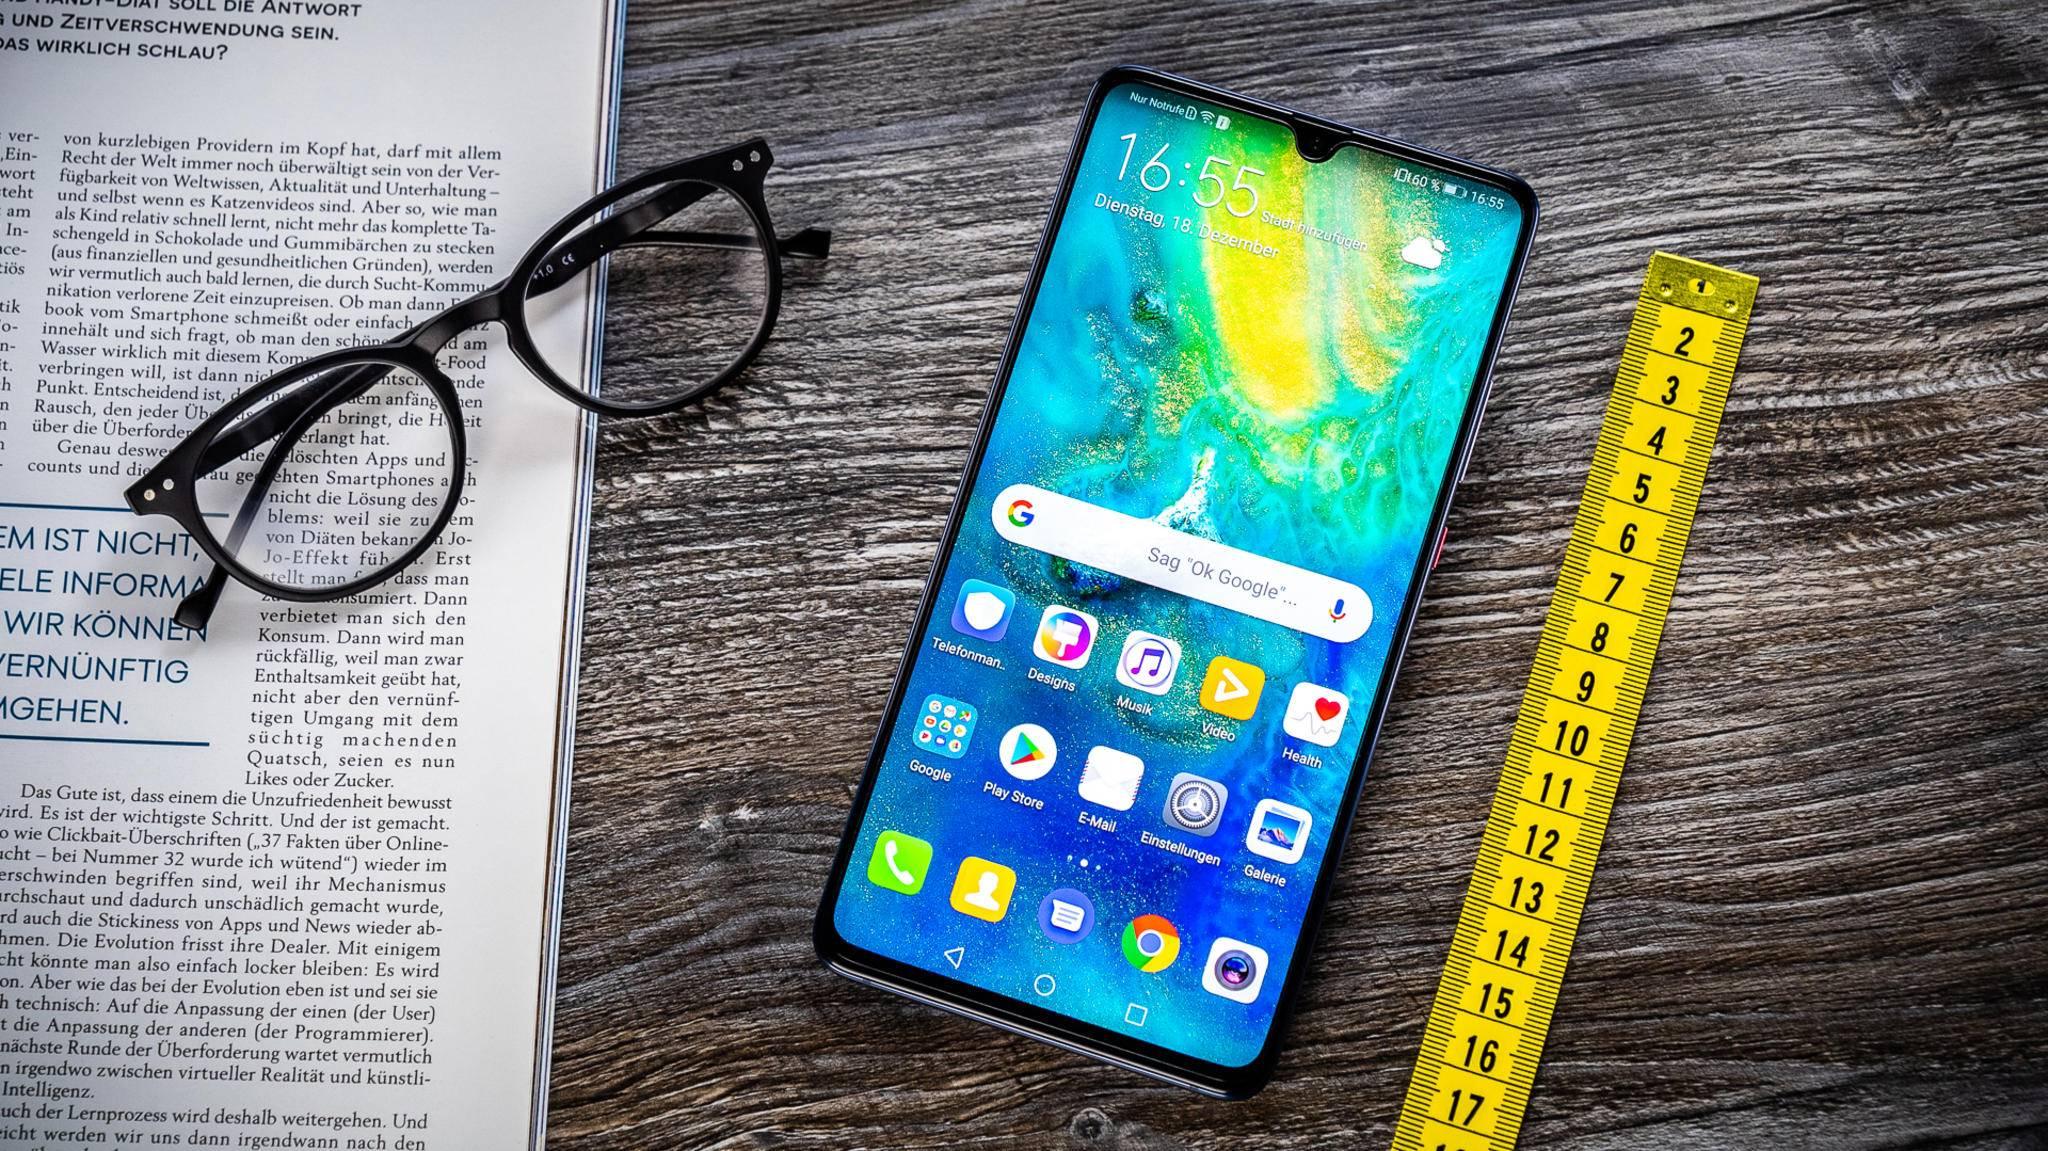 Das Huawei Mate 20 X ist wirklich groß. Wie sich der Riese im Test schlägt, erfährst Du hier.